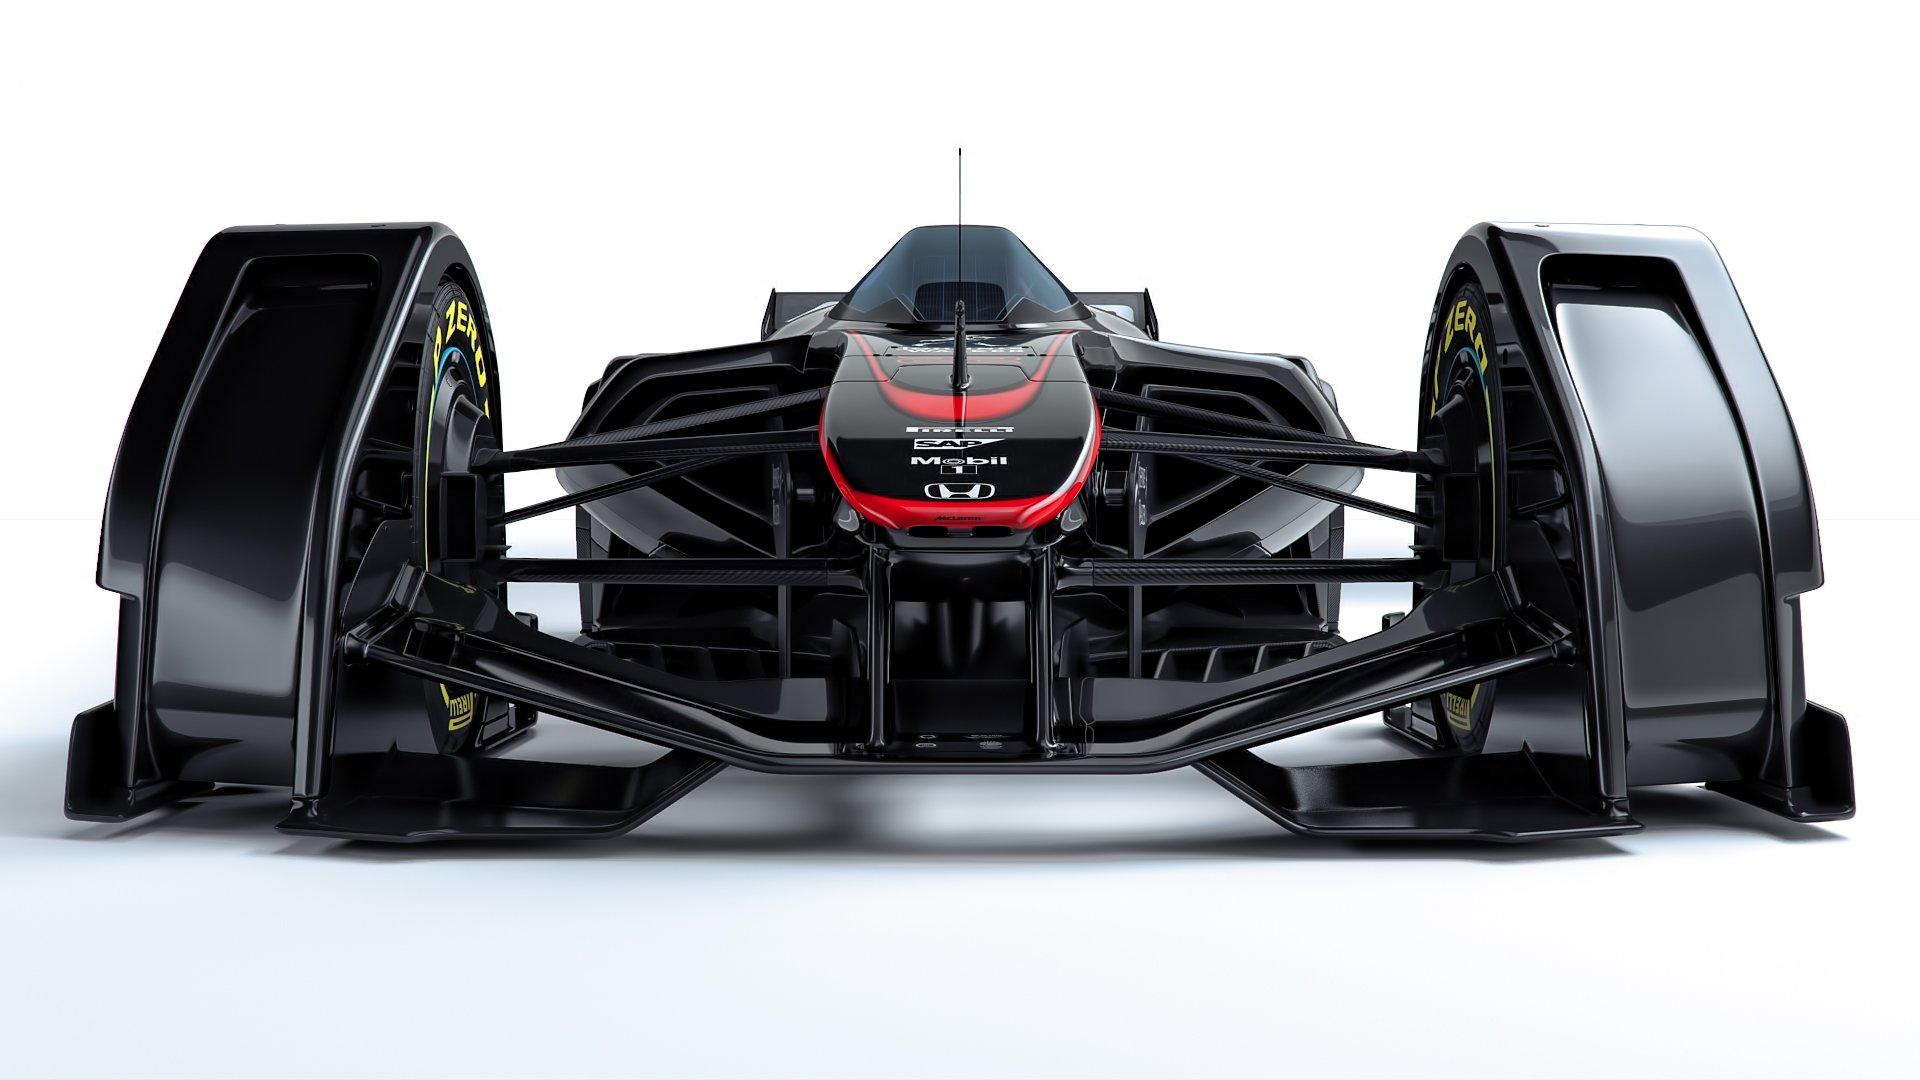 McLaren-Studie MP4-X von vorne: Deutlich zu sehen sind die gekapselten Räder, die dadurch besser vor Berührungen geschützt sind. In der Mitte ist das Cockpit zu erkennen mit Frontscheibe, die den Fahrer schützen soll.